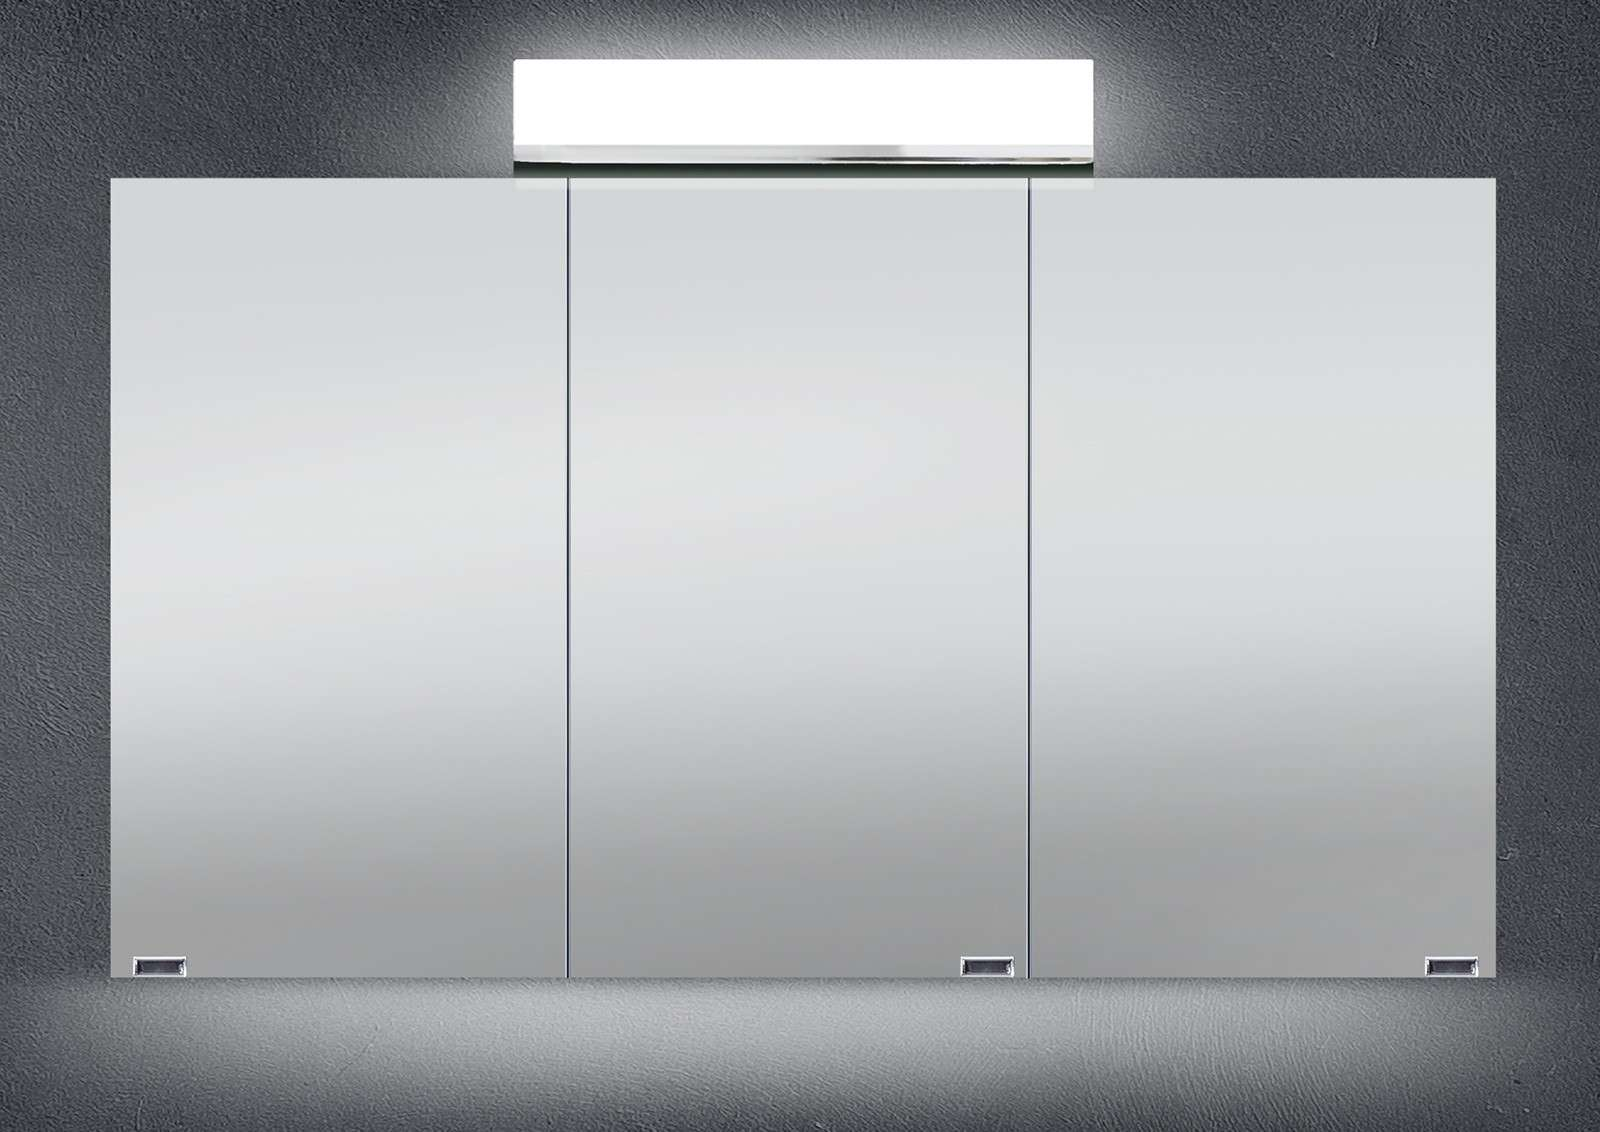 spiegelschrank bad 120 cm led beleuchtung doppelseitig verspiegelt ... - Badezimmer Spiegelschränke Mit Beleuchtung